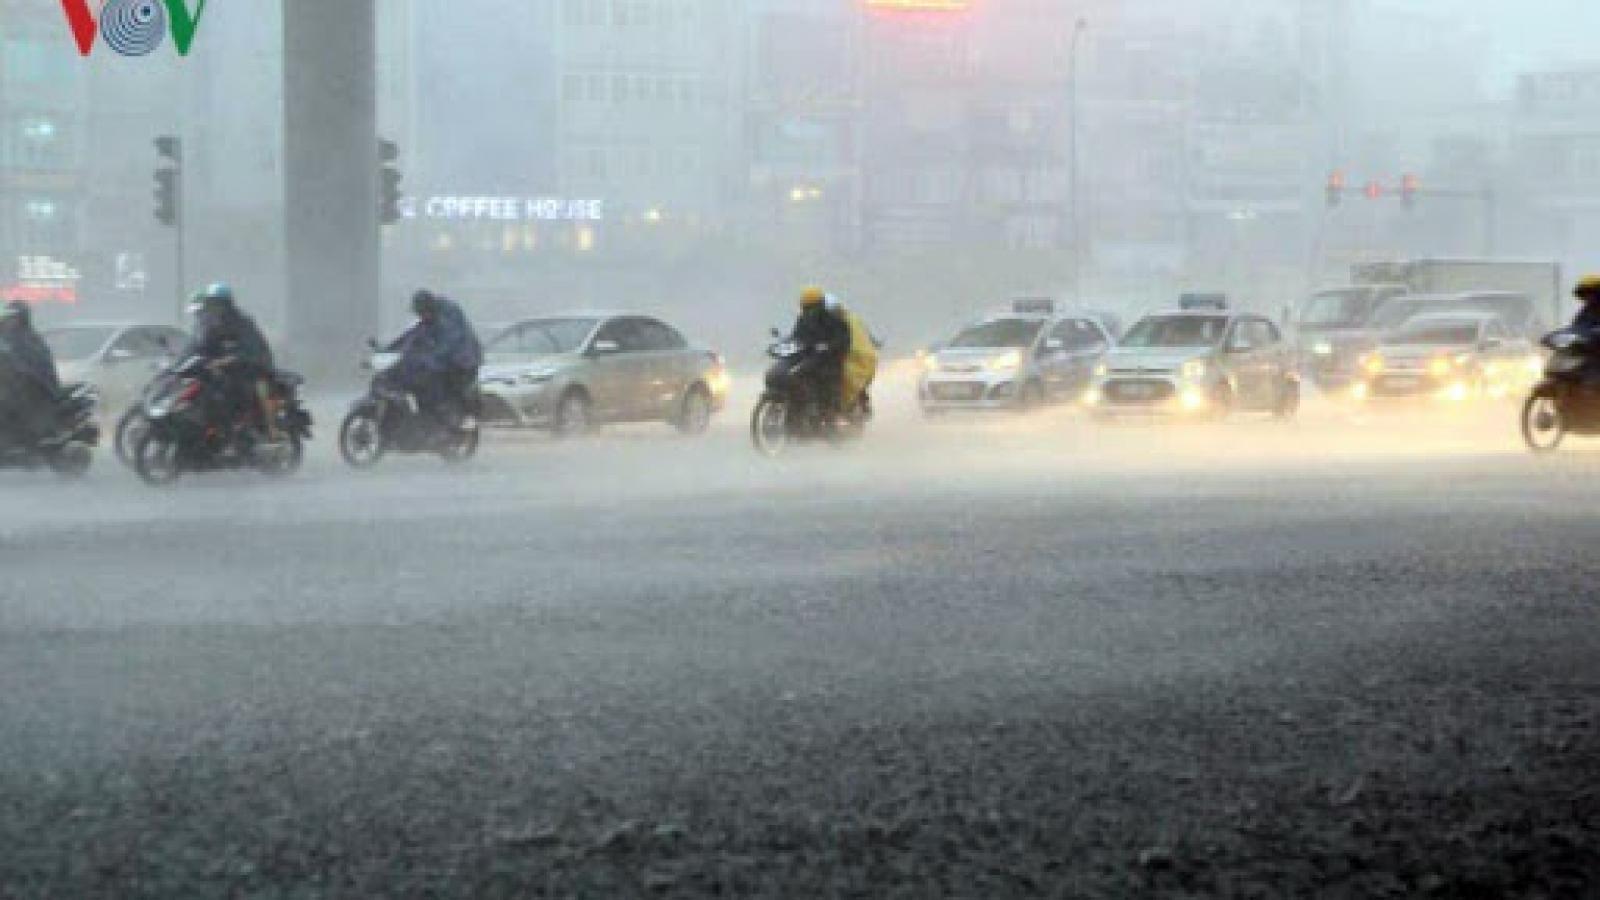 Thời tiết Hà Nội chiều tối nay sẽ có mưa dông cục bộ